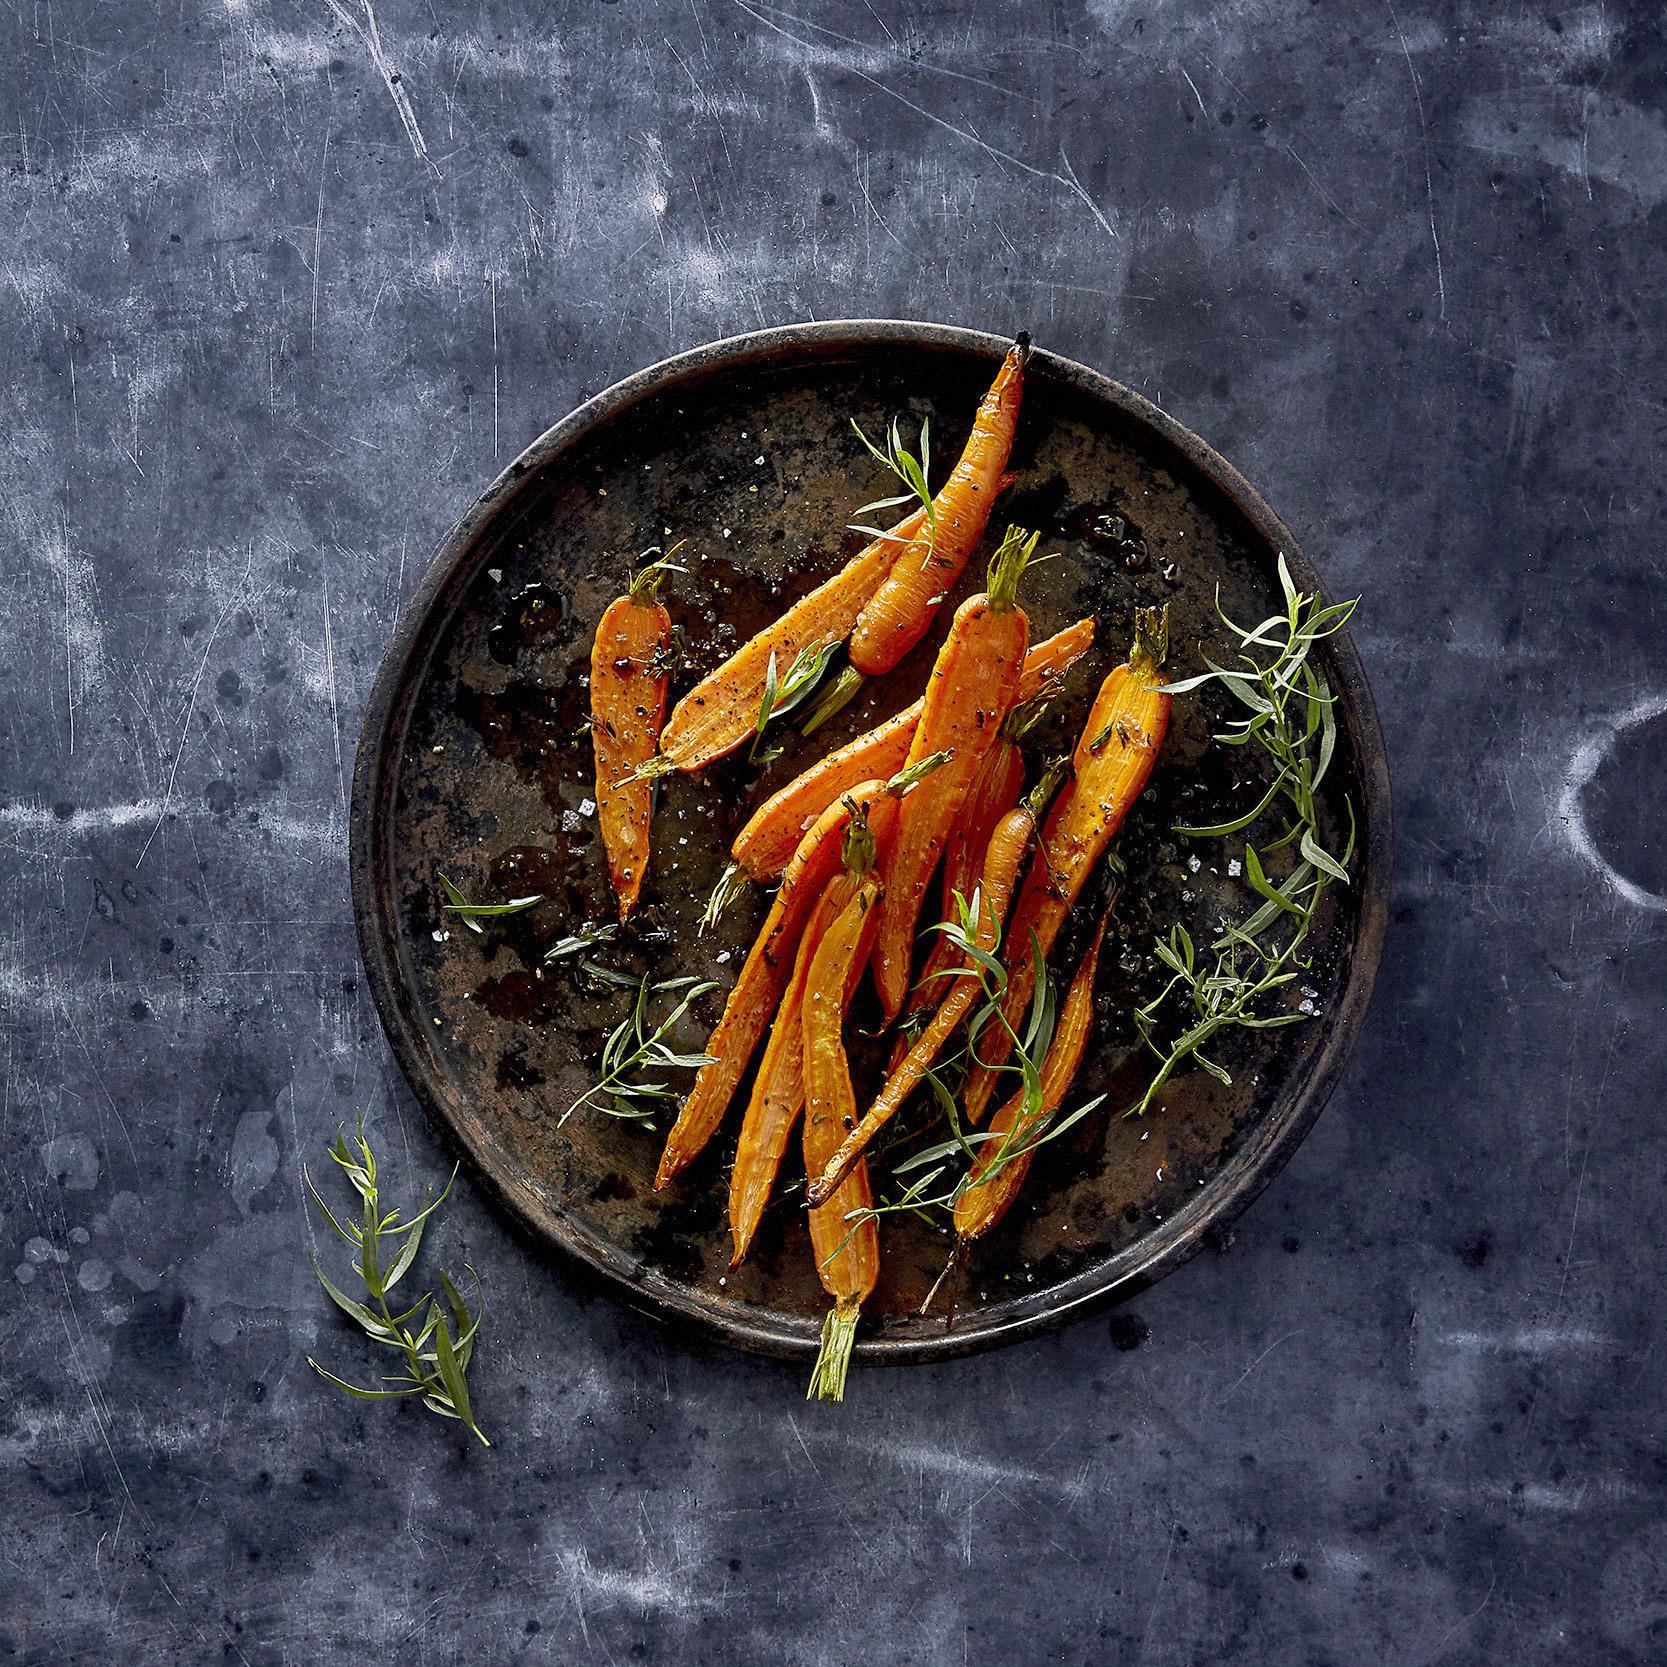 Carrots_crop_ret.jpg